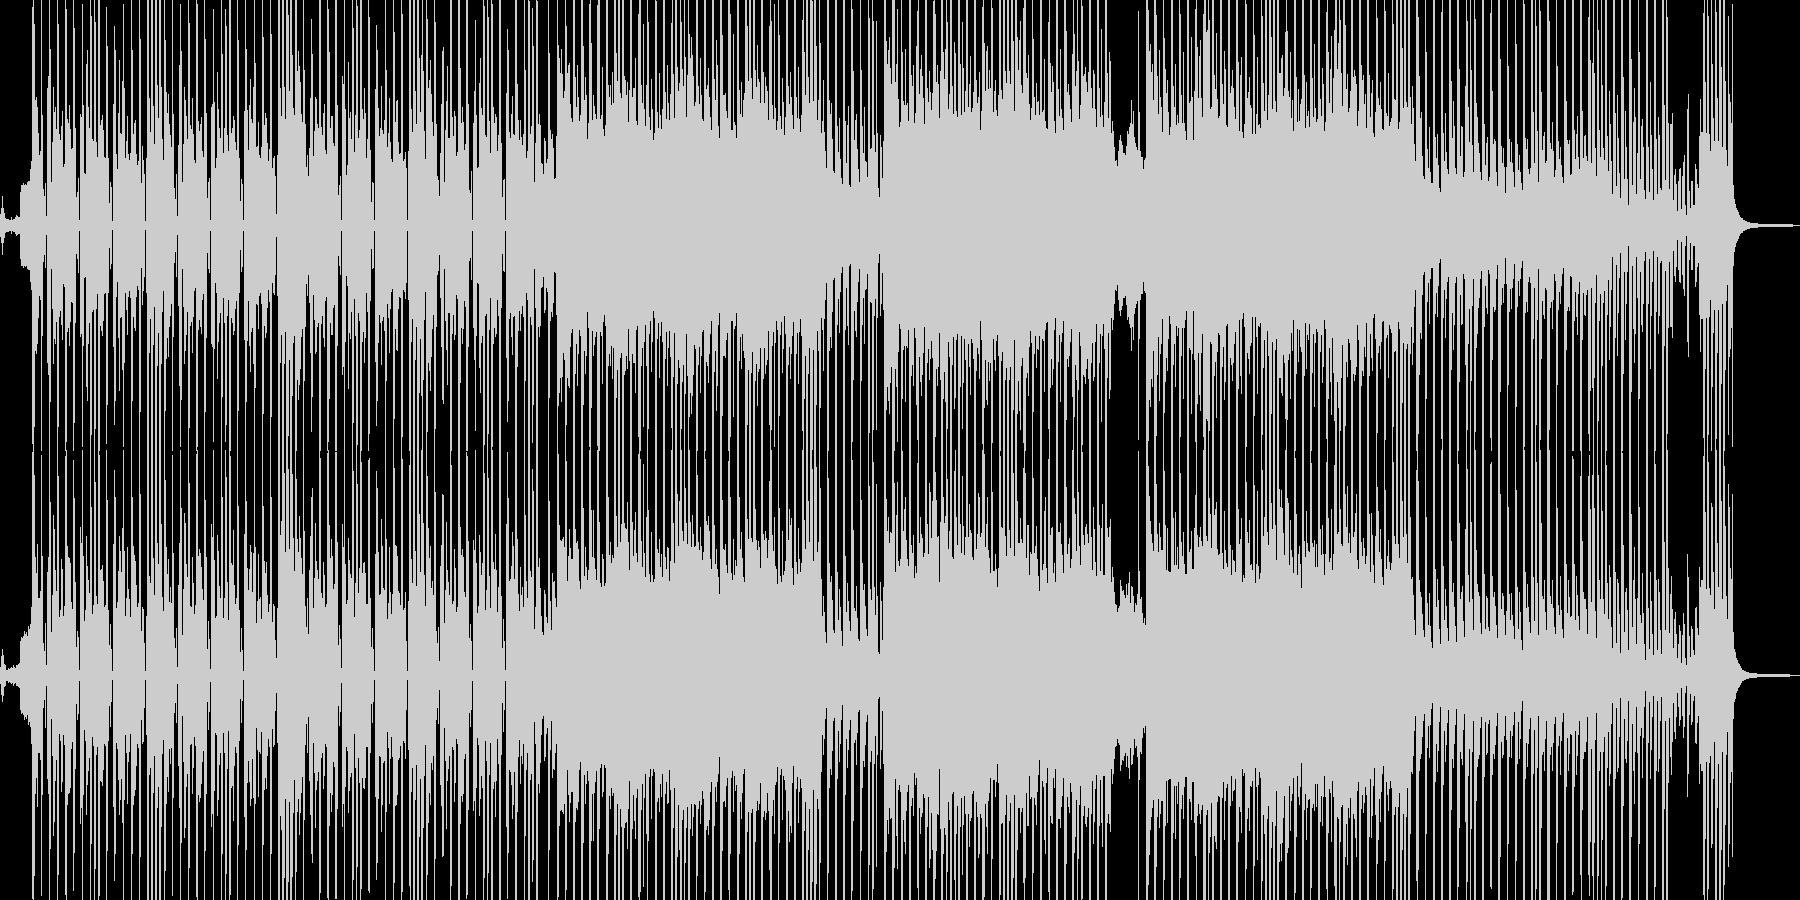 ビターエンドがテーマのスロウテクノ 短尺の未再生の波形